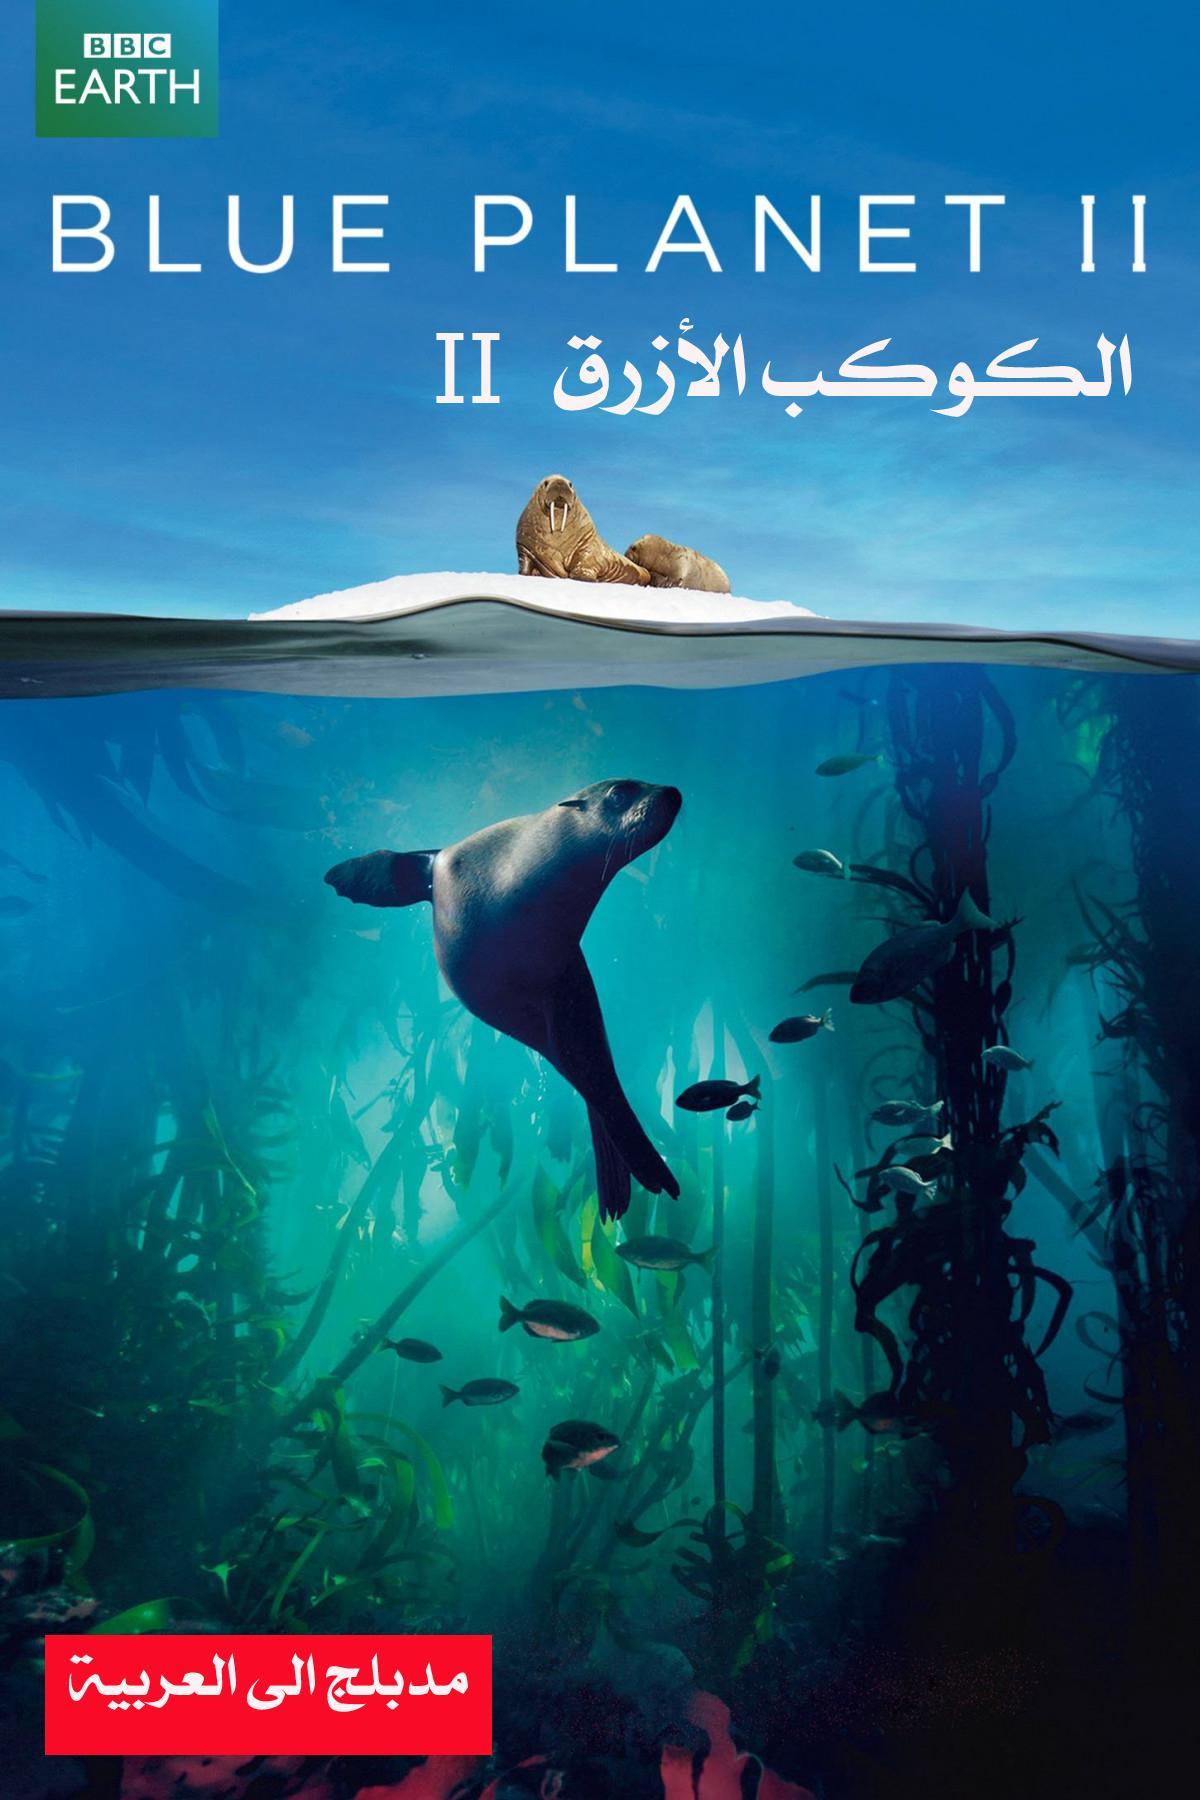 الكوكب الأزرق - الموسم الثاني  BBC Blue Planet II - ح1 - محيط واحد - تحميل تورنت 1 arabp2p.com